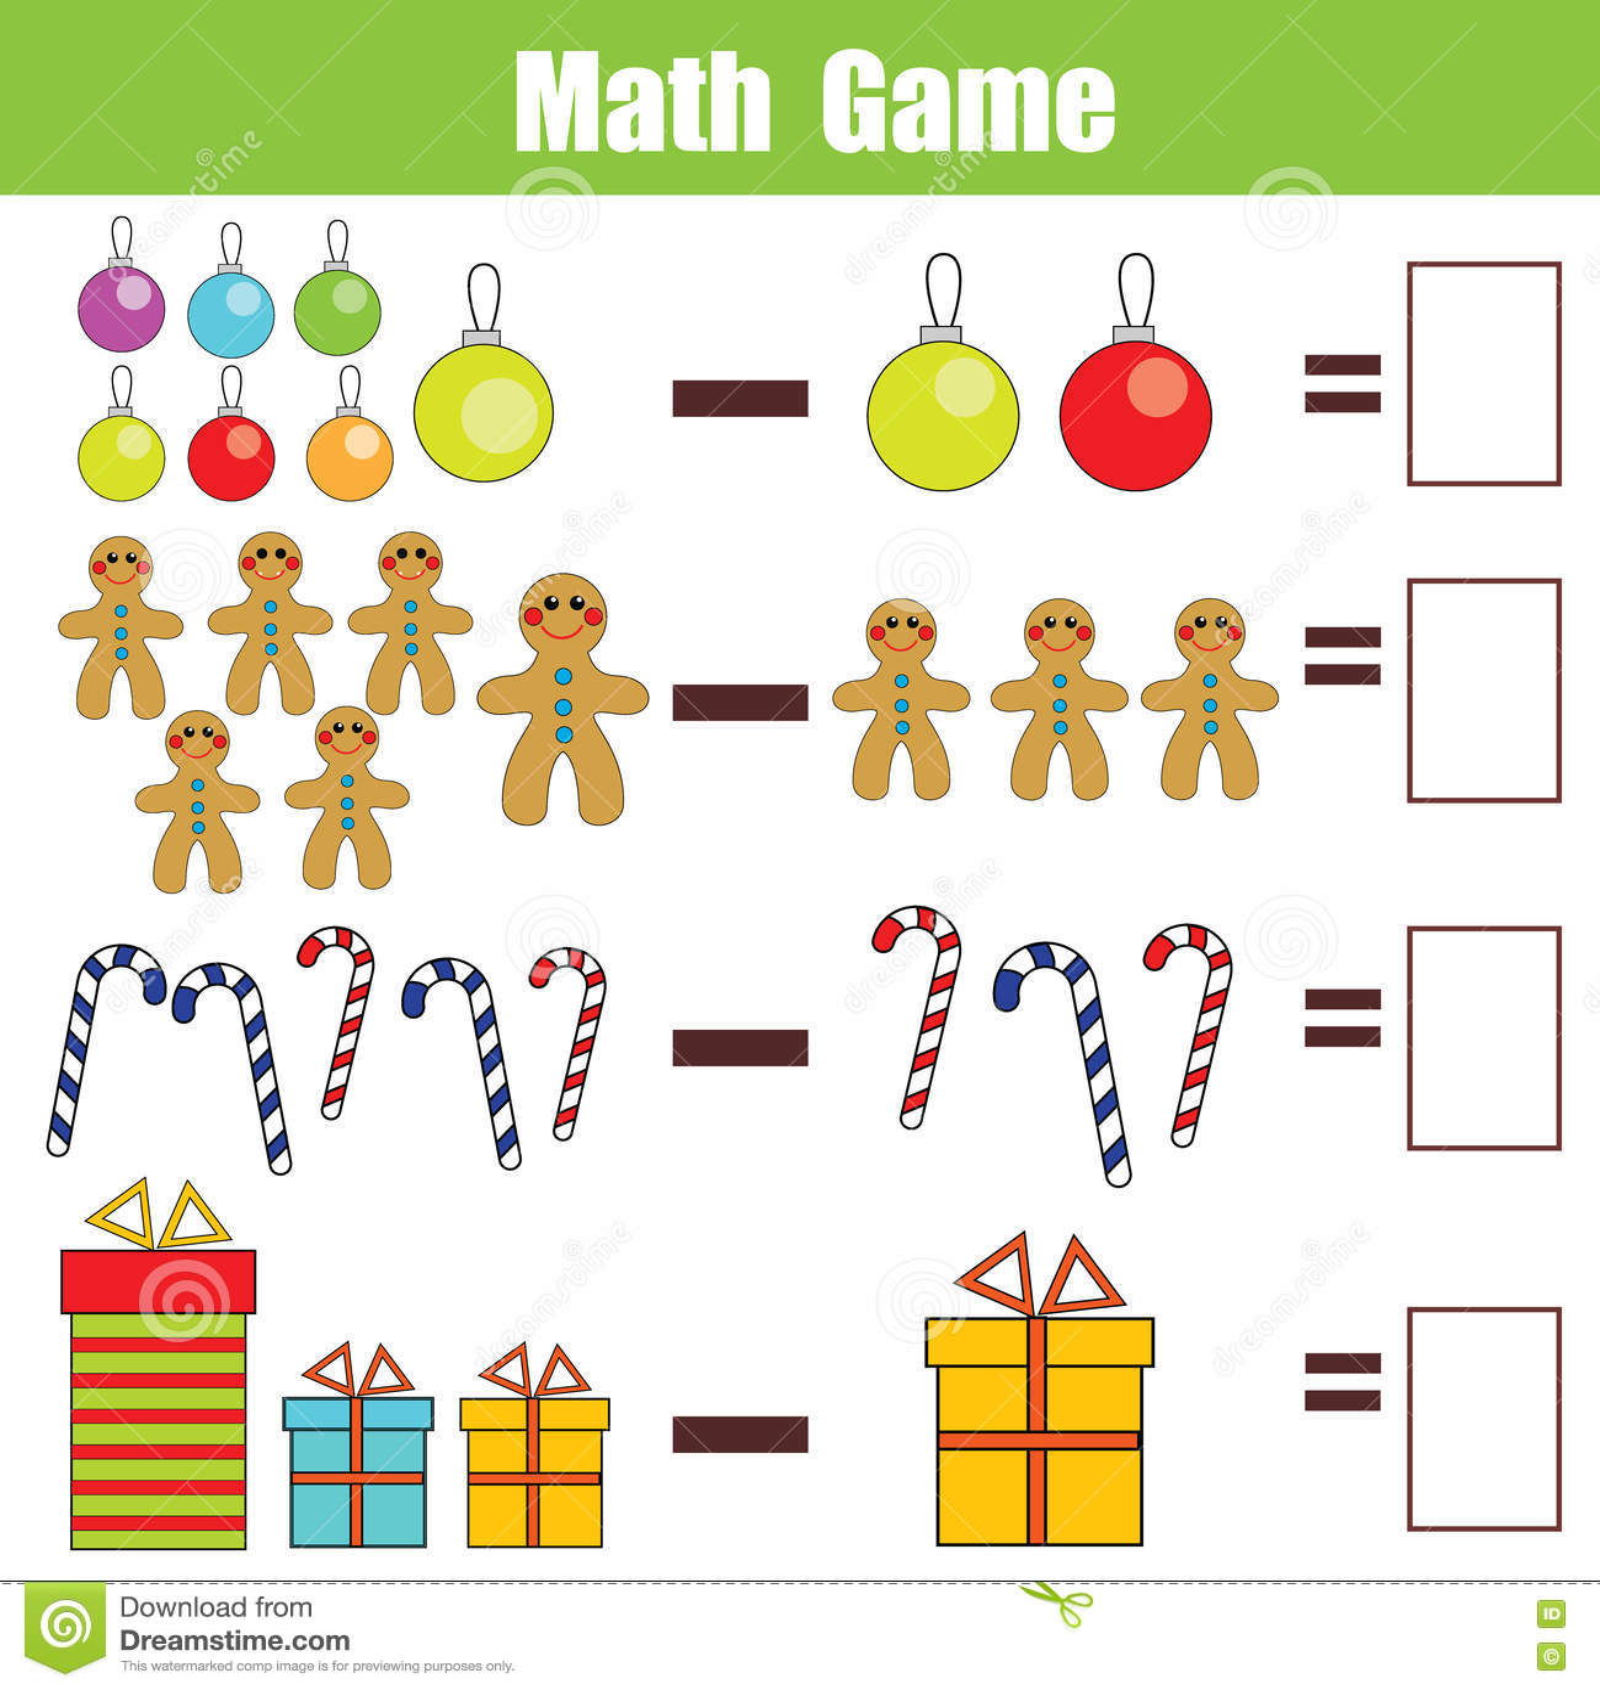 Excepcional Matemáticas Hojas De Trabajo Libre De Navidad Bosquejo ...